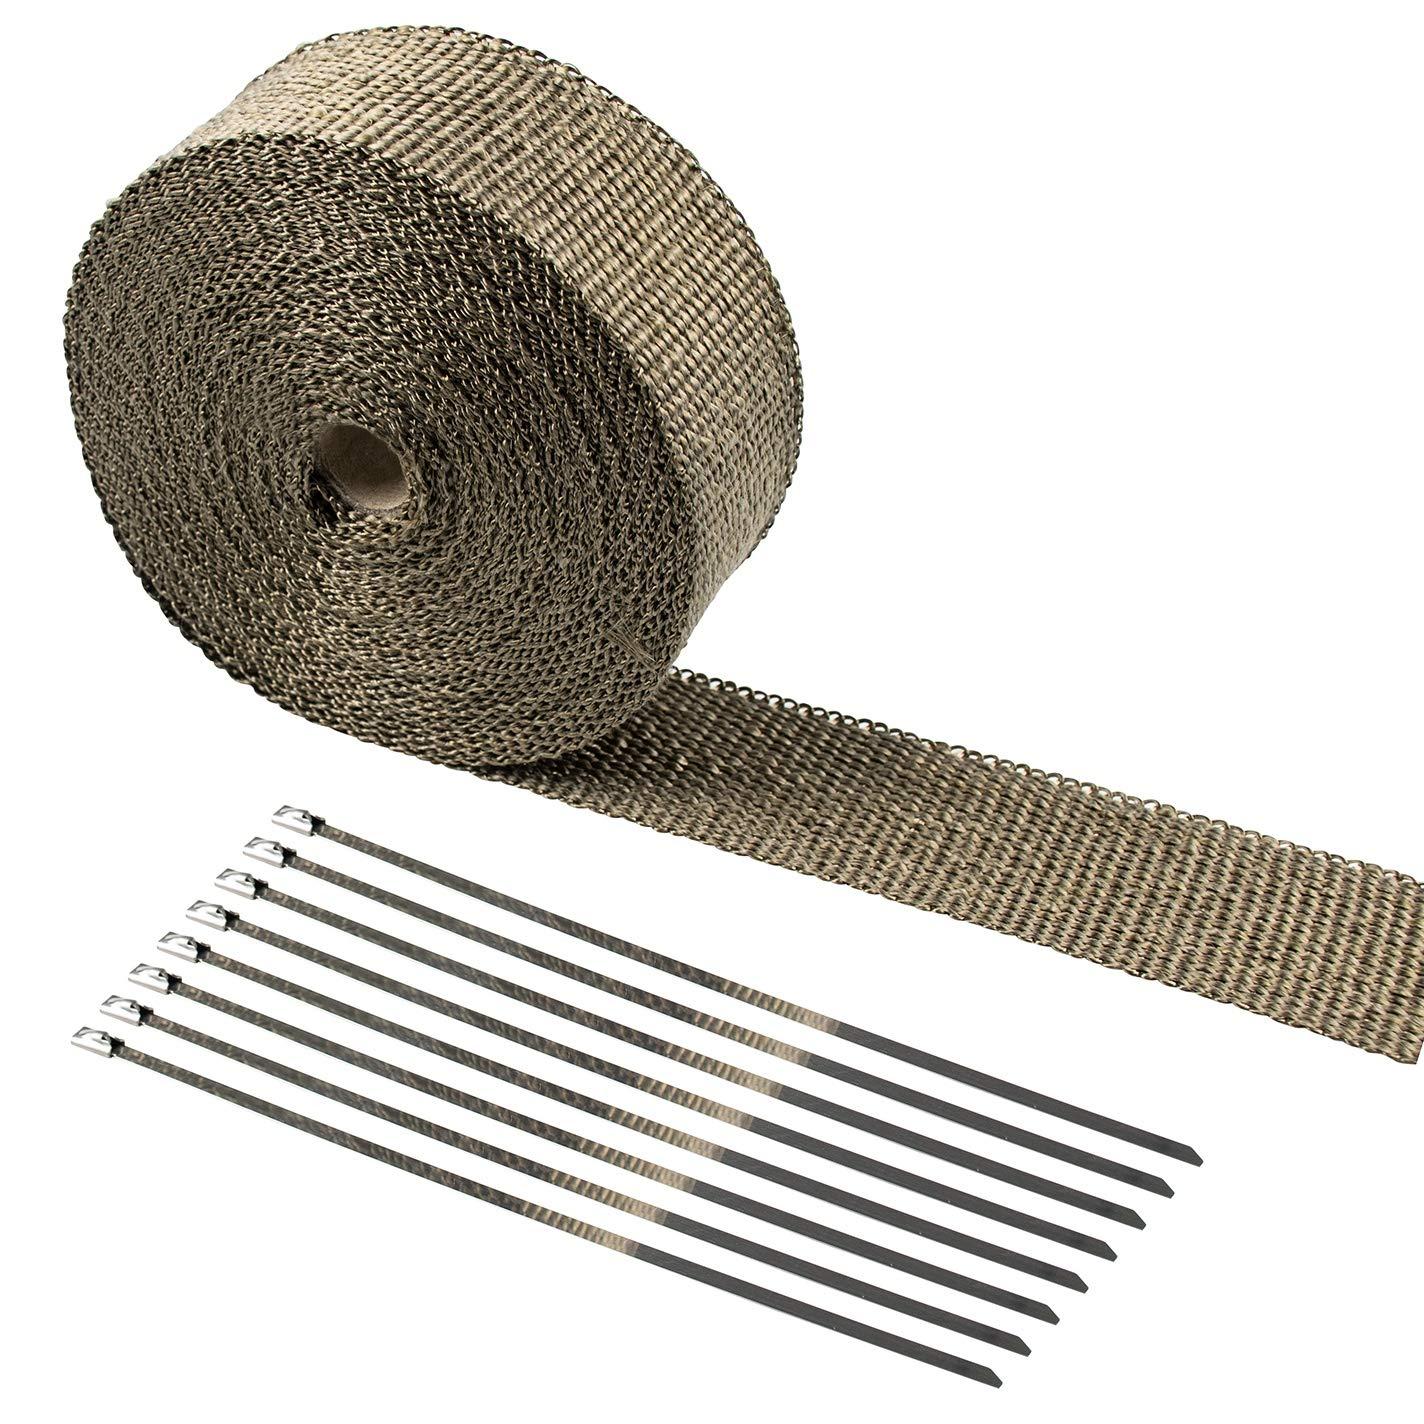 Besnail Bande de protection contre la chaleur en fibres de basalte 15 m avec serre-c/âbles pour miettes